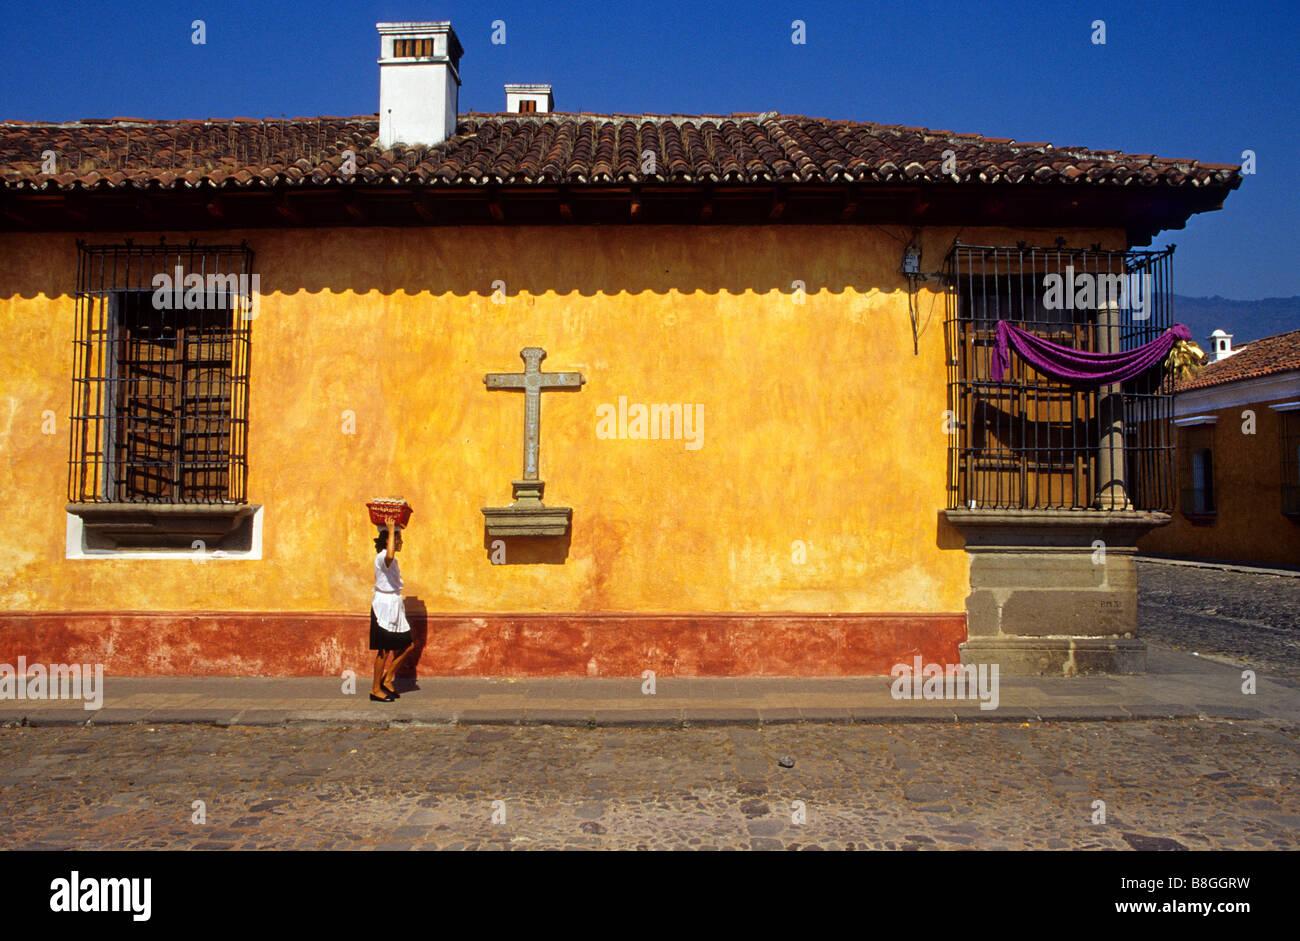 Architettura coloniale spagnola nelle strade di Antigua Guatemala Regione Sacatepéquez Guatemala Immagini Stock